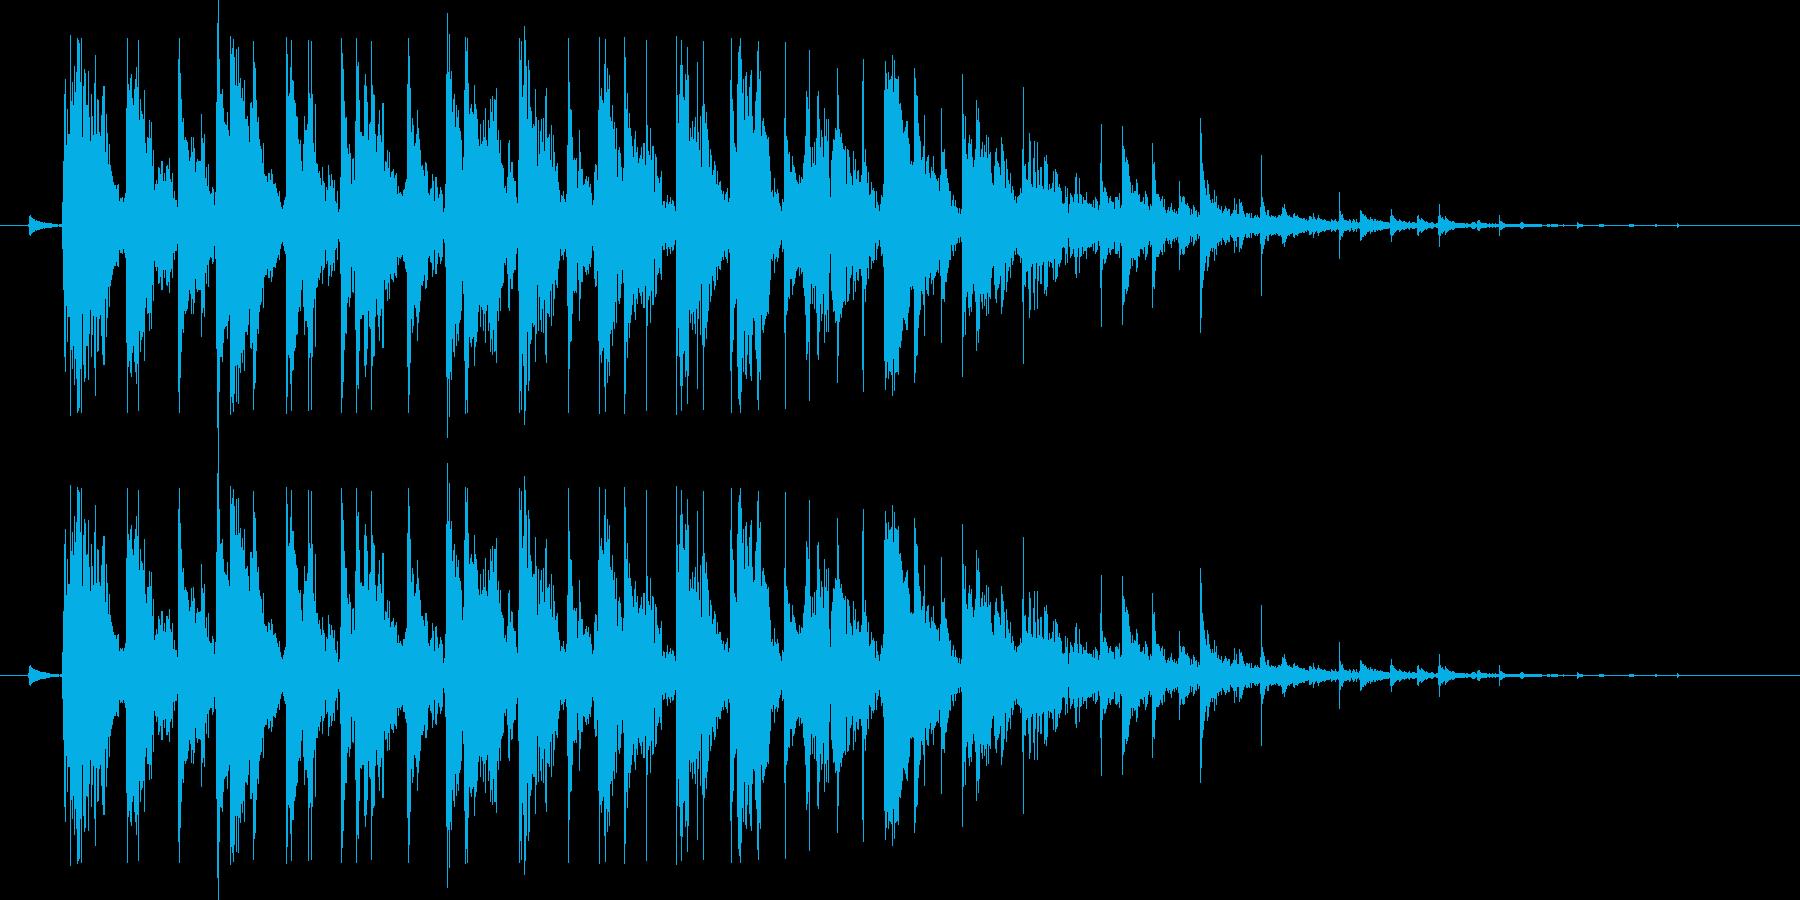 決定音(長めの、木琴のような音)の再生済みの波形